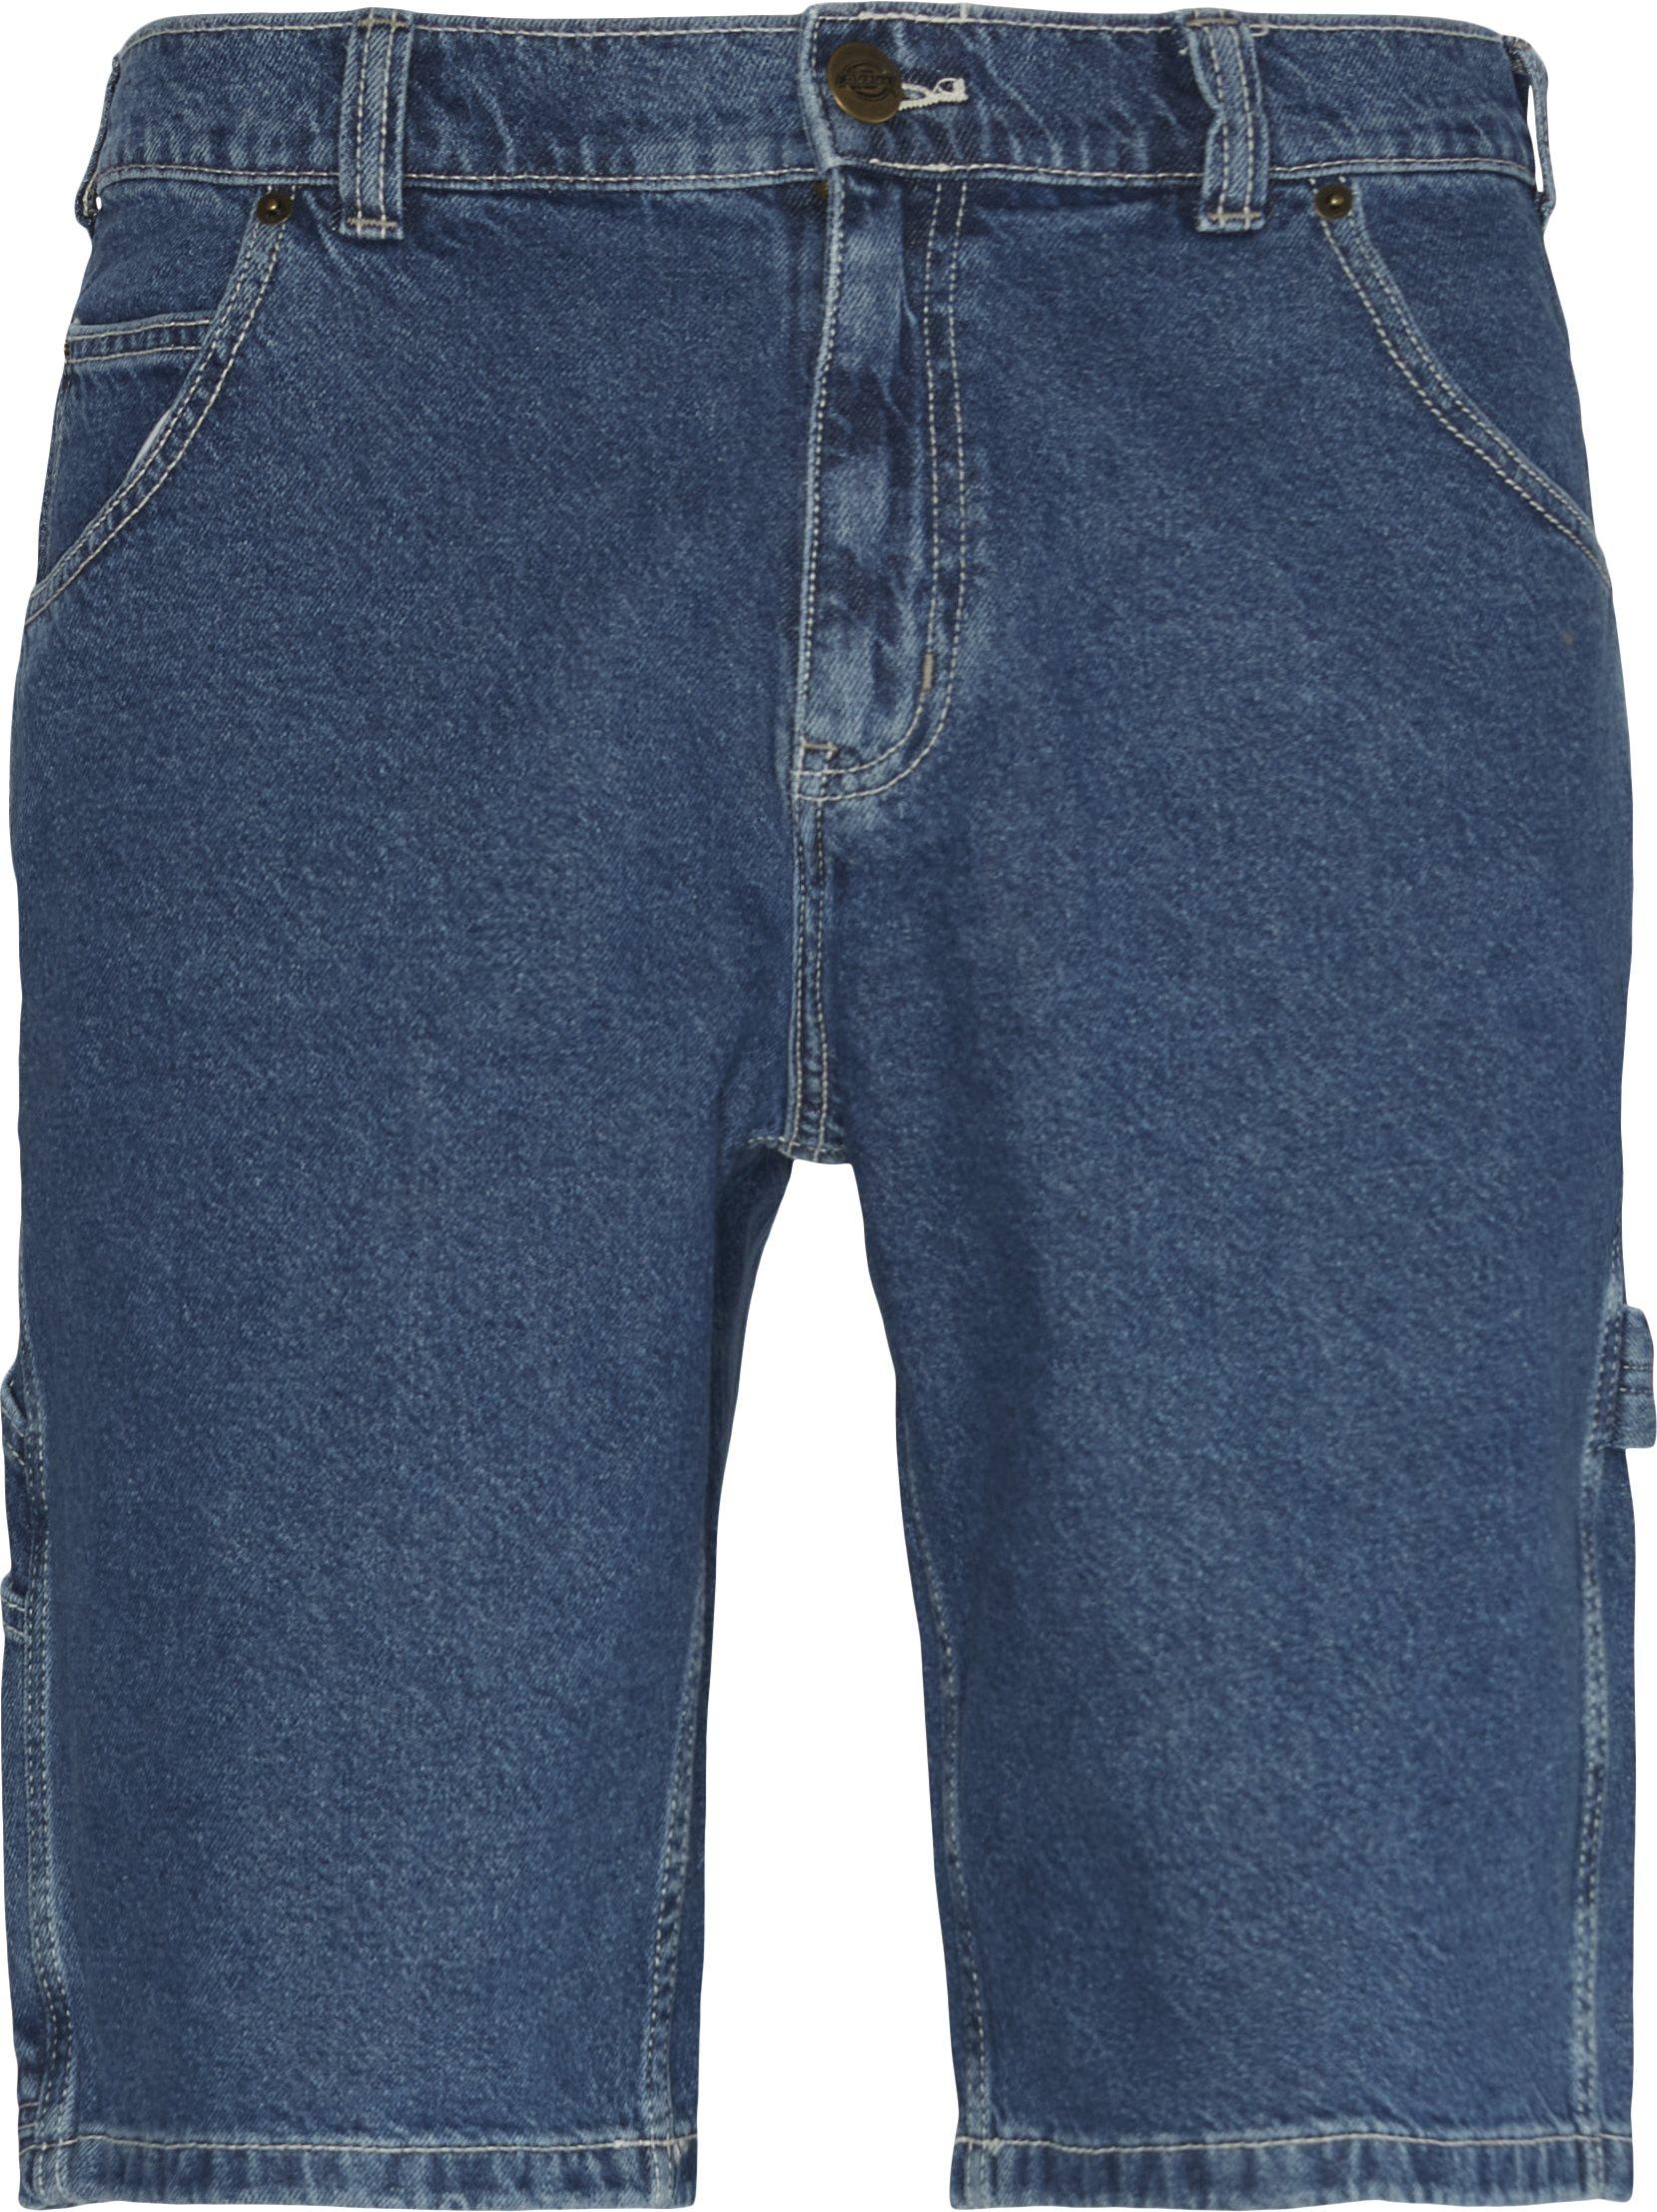 Shorts - Denim